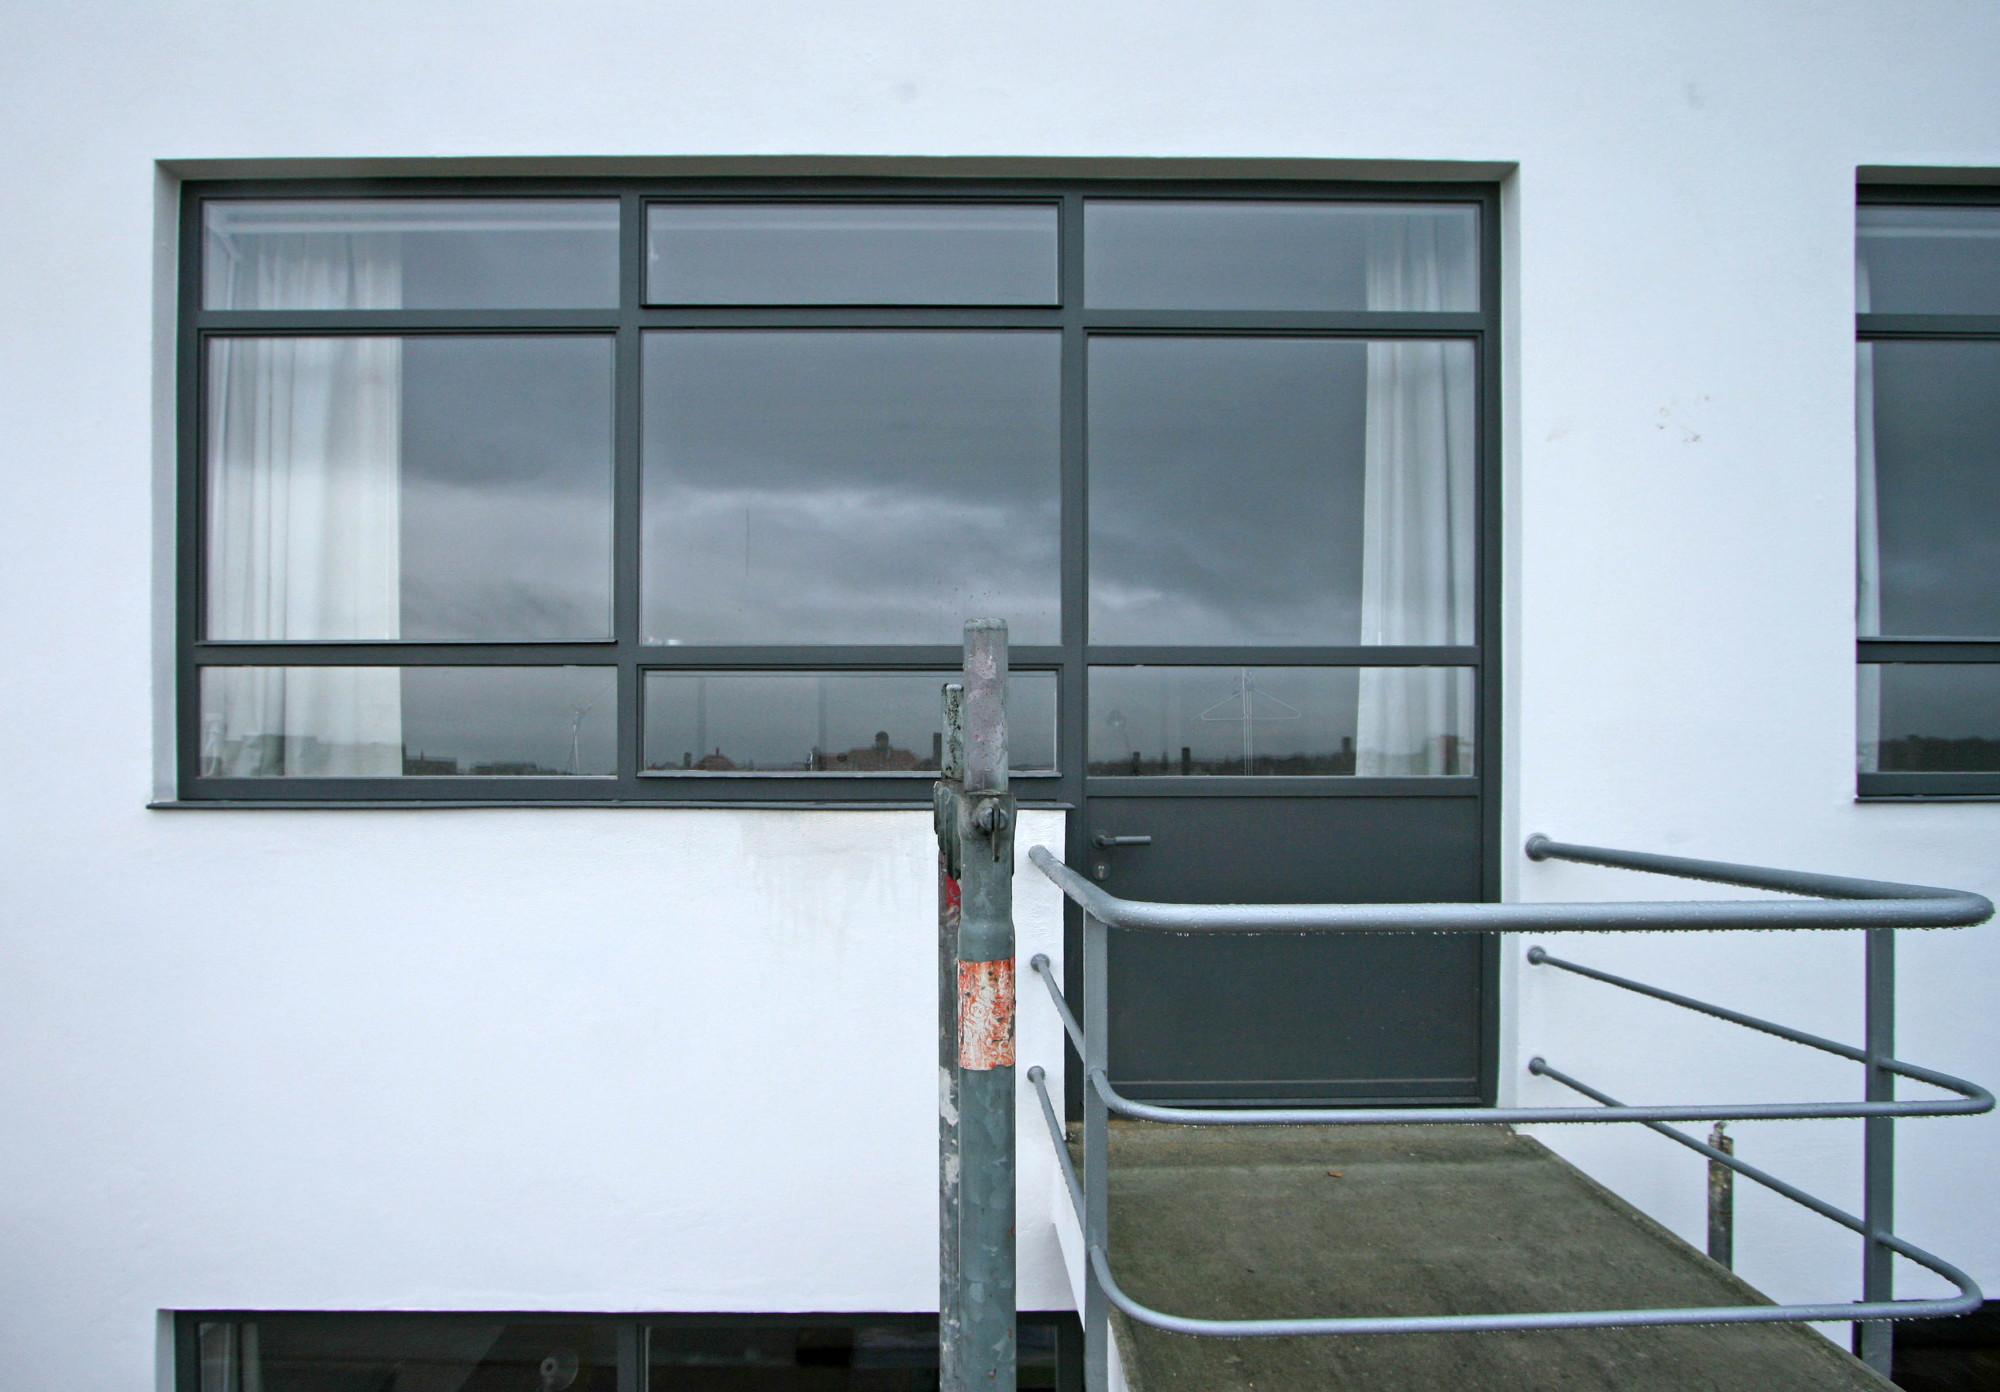 Full Size of Bauhaus Fenster Einbauen Lassen Fensterfolien Fensterbank Granit Kosten Zuschnitt Fensterdichtung Fensterdichtungsband Fensterfolie Badezimmer Blickdichte Fenster Bauhaus Fenster